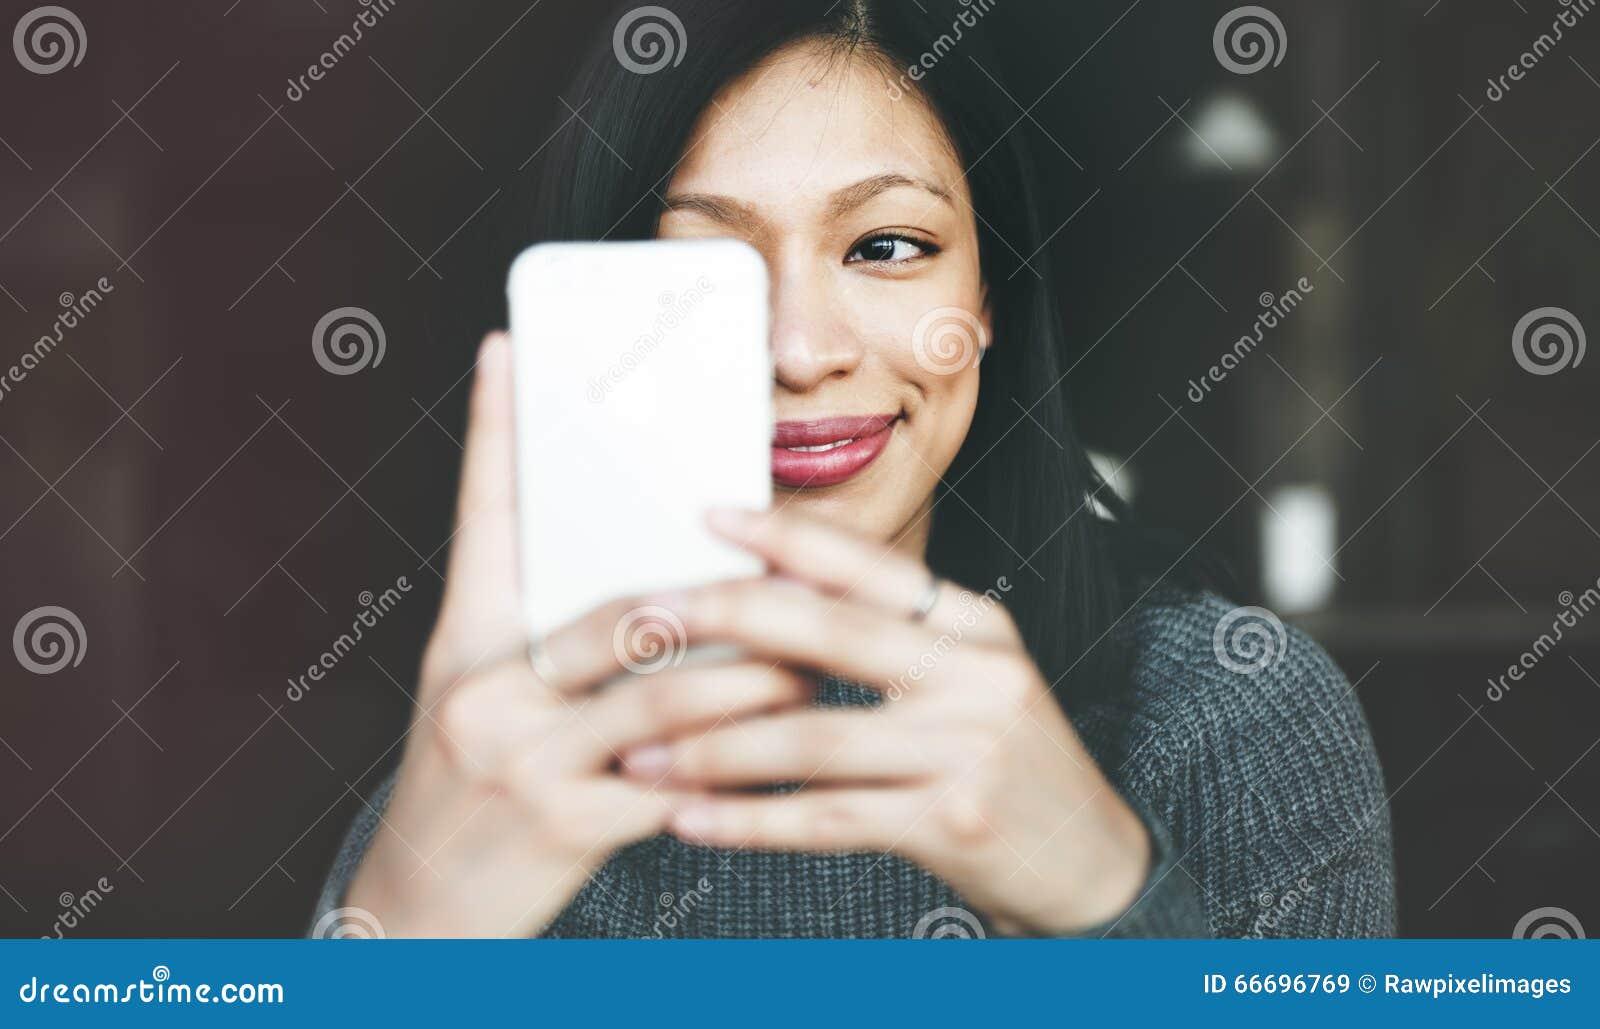 Mode de vie de refroidissement de belle femme utilisant le concept de Smartphone